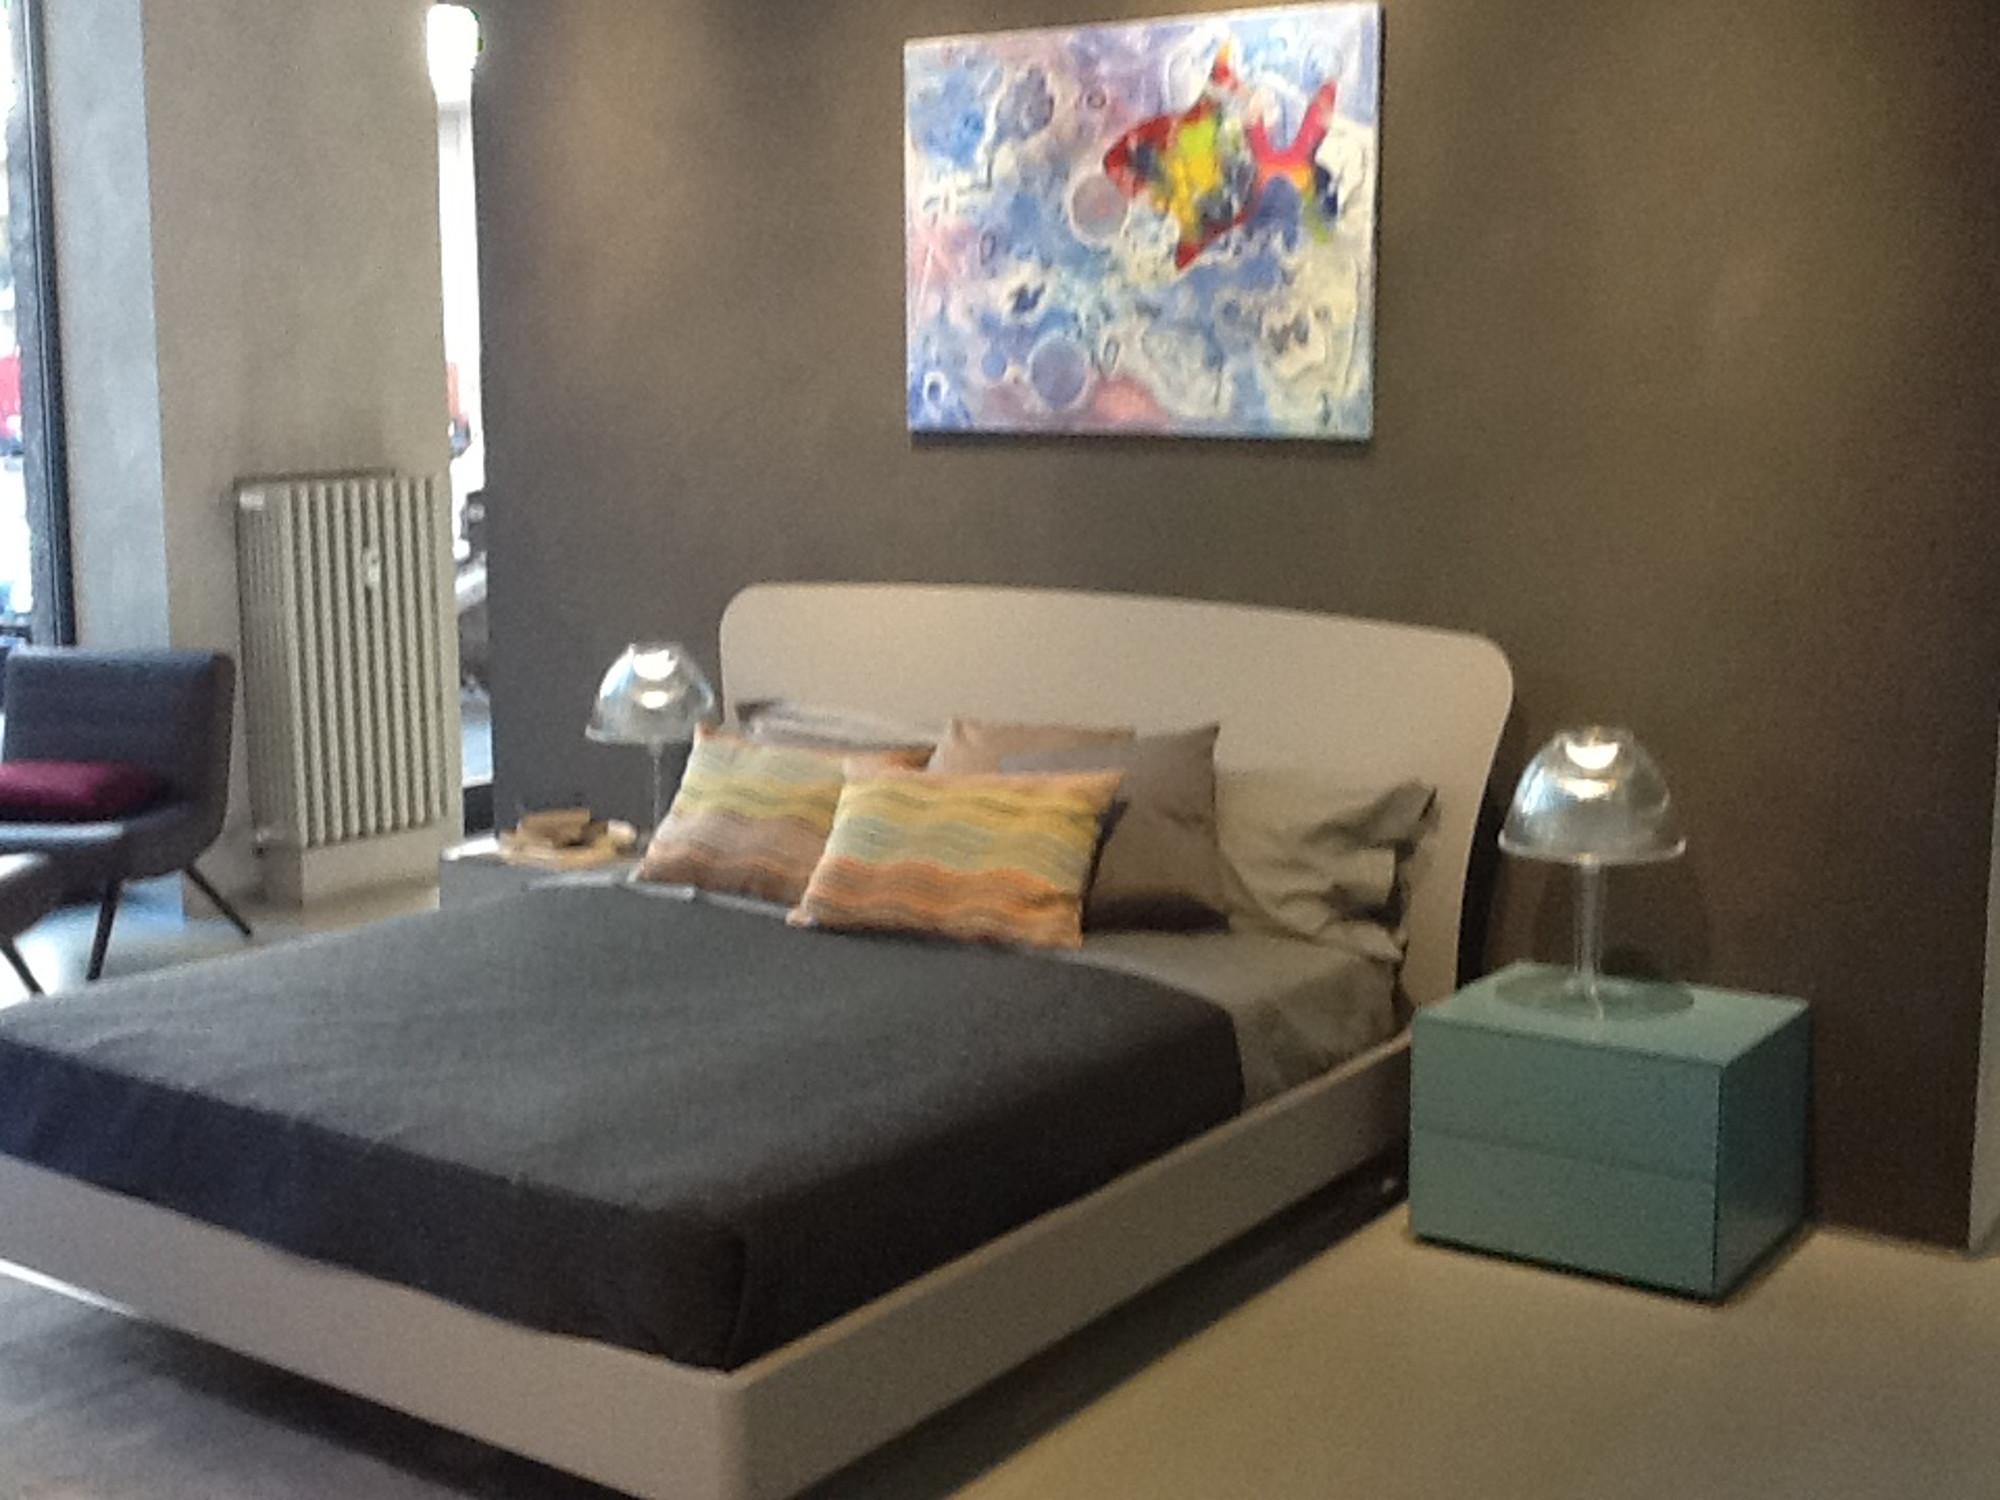 Febal casa milano arredamento cucine soggiorni divani for Casa milano divani